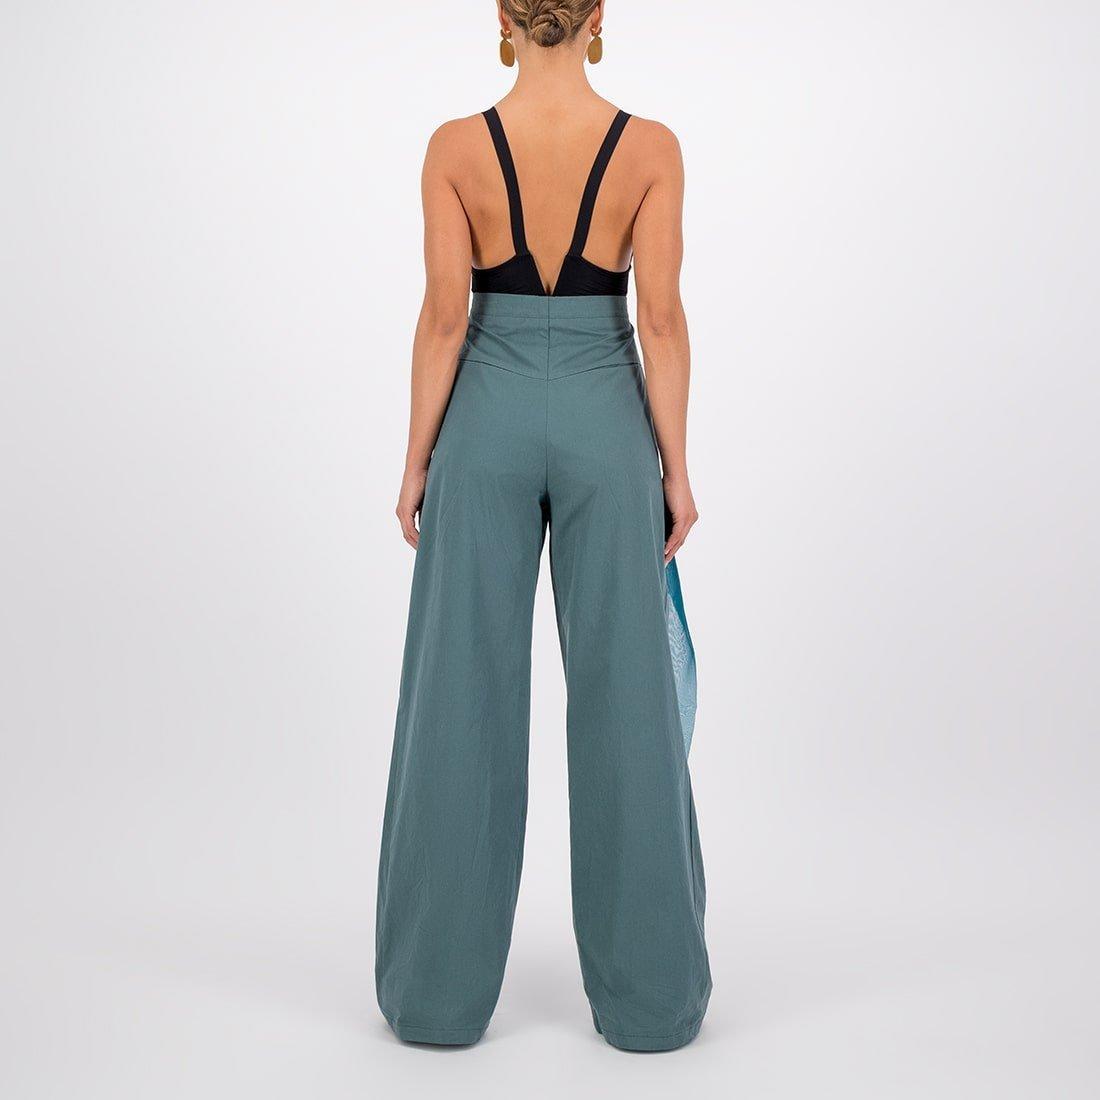 Cotton-silk blend wide-leg, high-waist pant 3